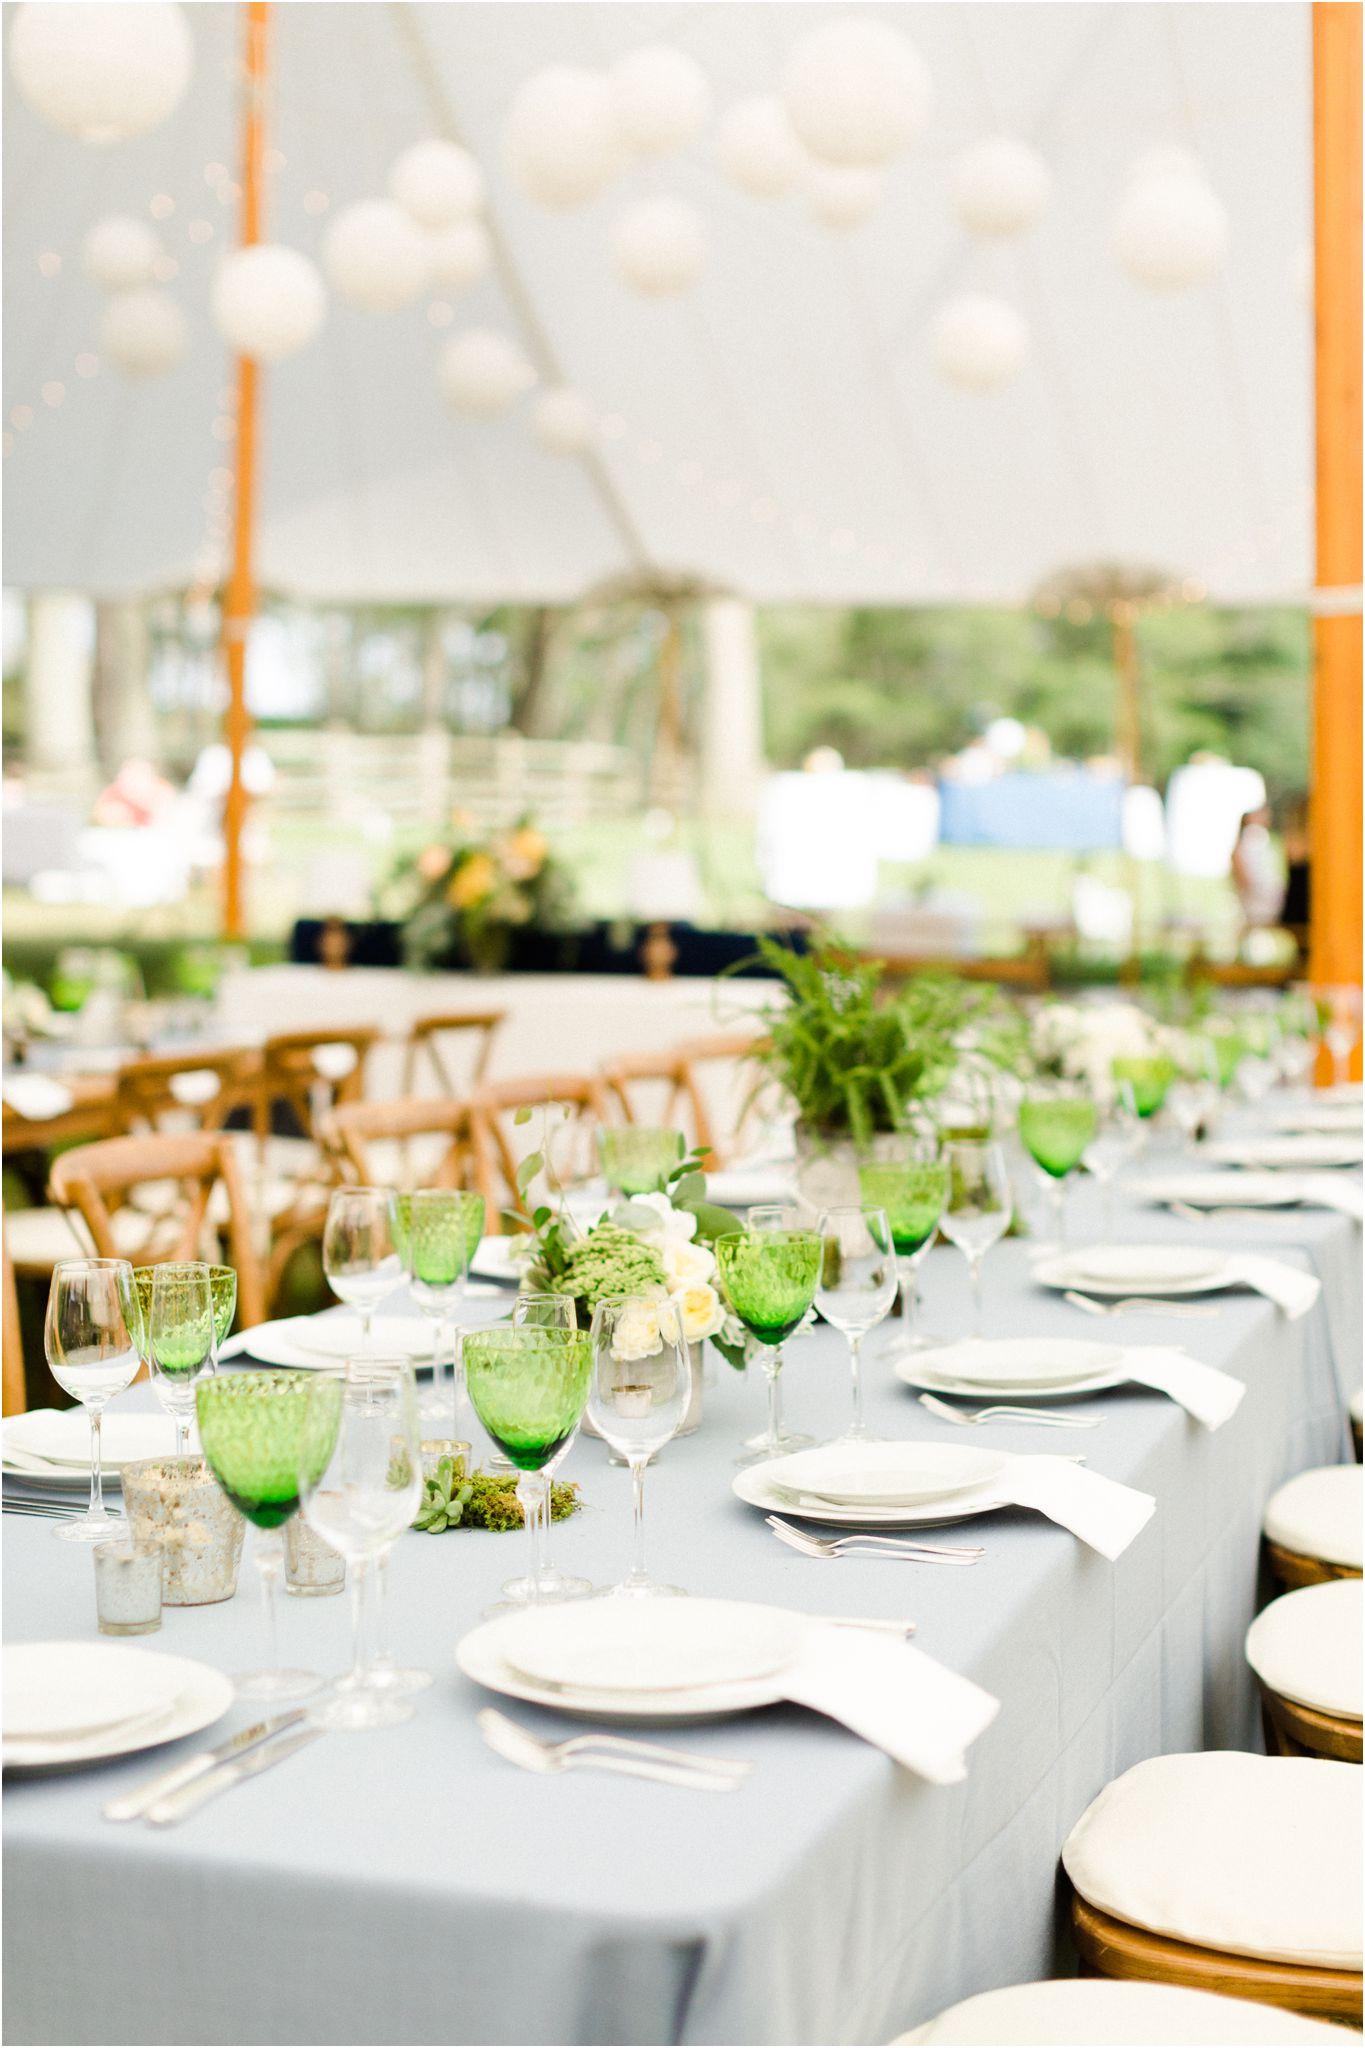 private-estate-wedding-hamilton-photos_00027.JPG